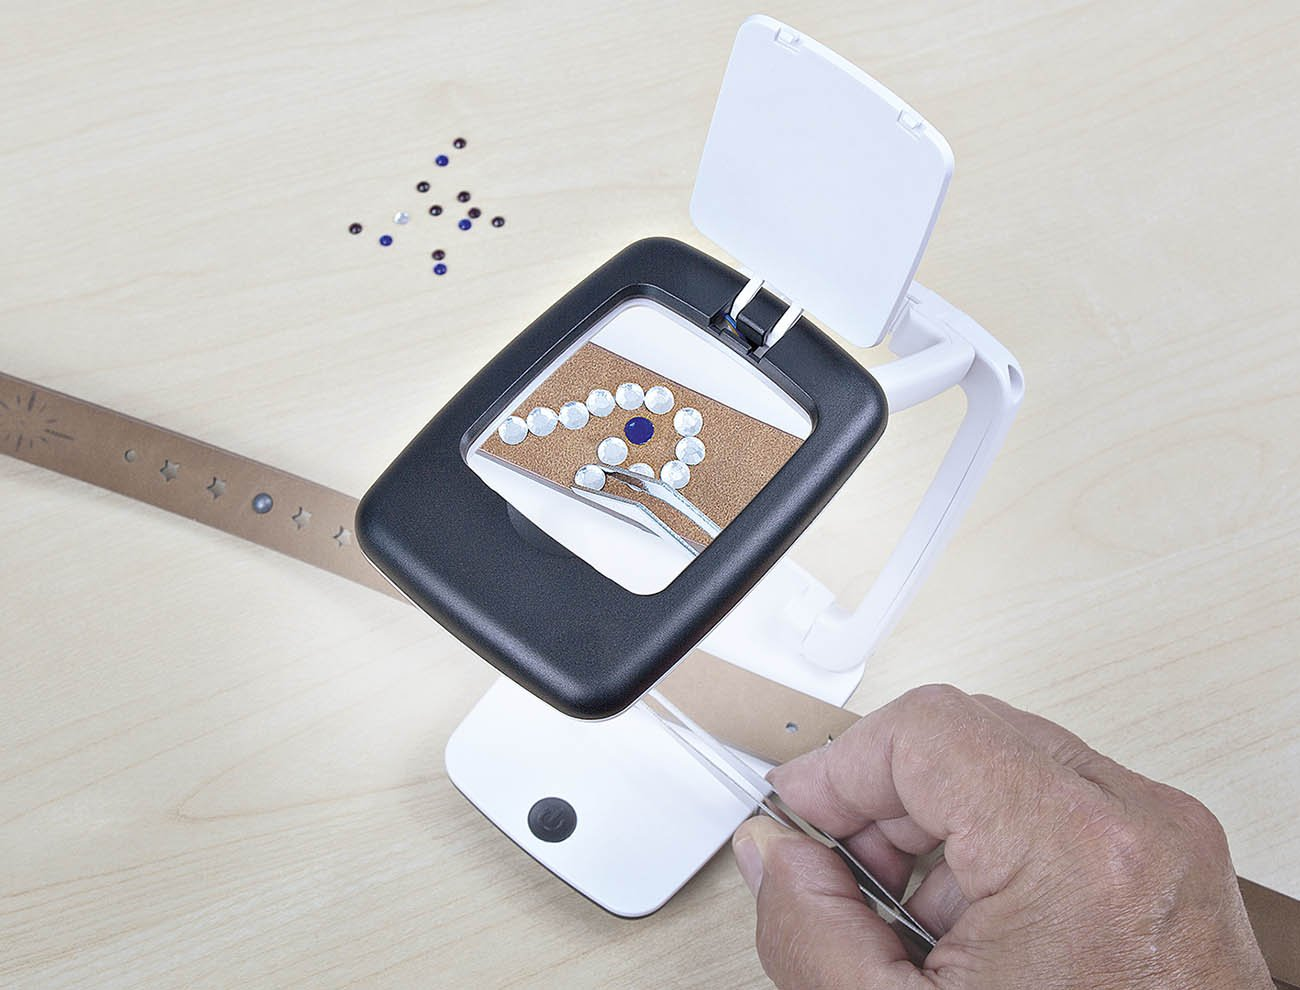 mit LED-Licht und 3-facher Vergr/ö/ßerung, zusammenklappbar aufklappbare Linsenabdeckung schwarz Wedo 27175101 Tischlupe Pocket